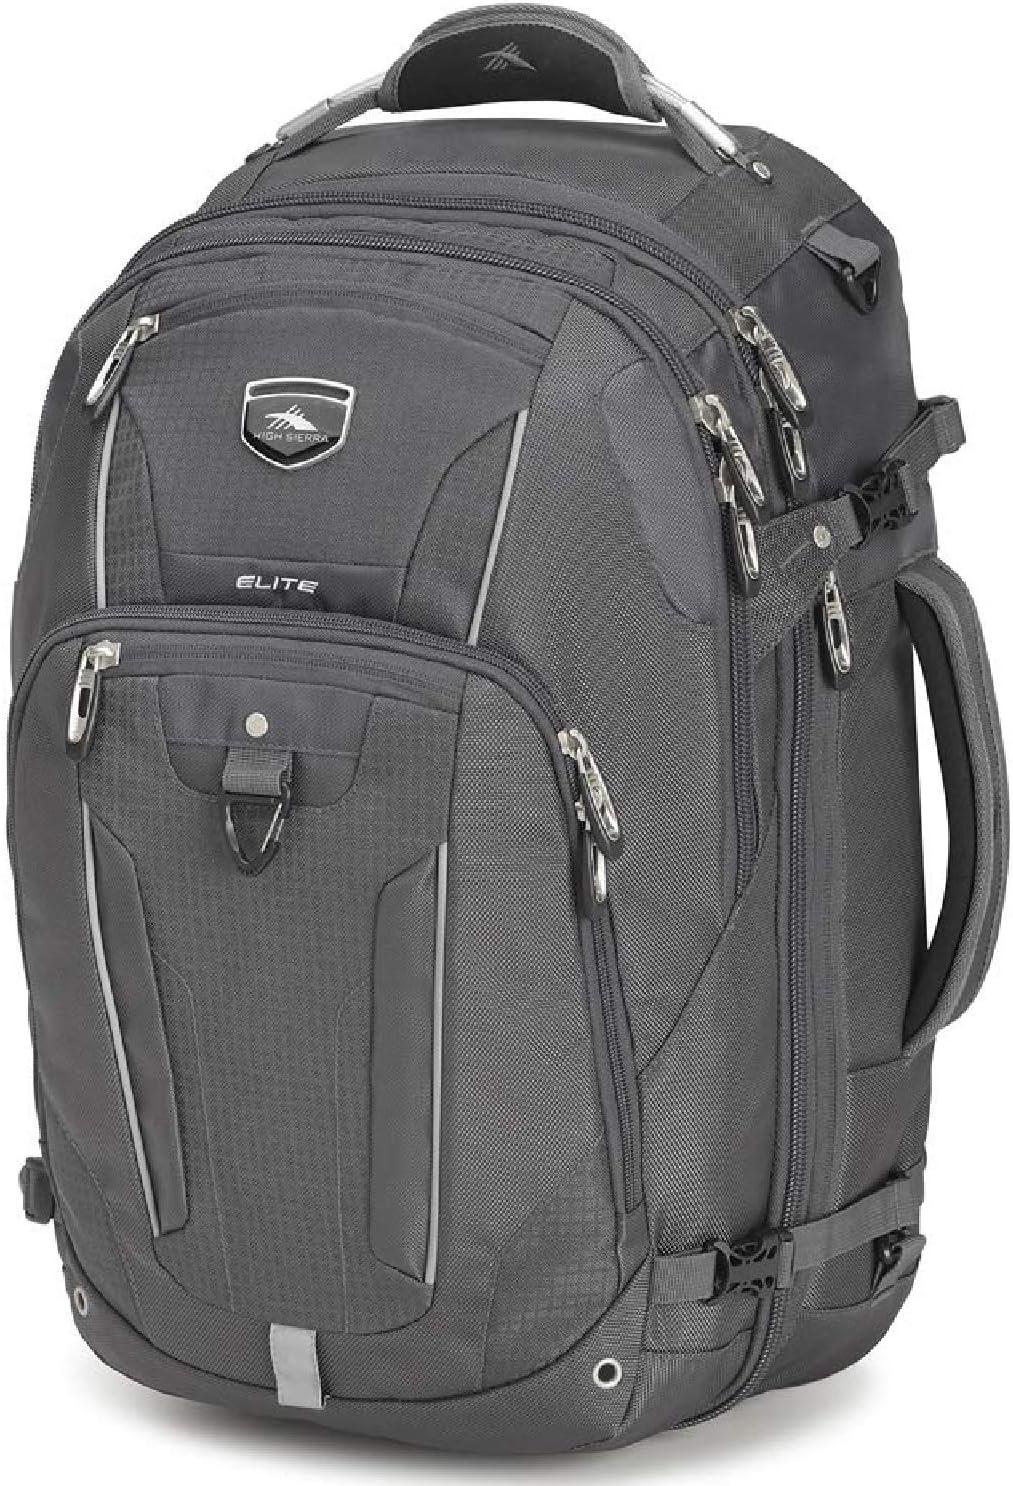 High Sierra Elite Weekender Convertible Travel Backpack, Mercury